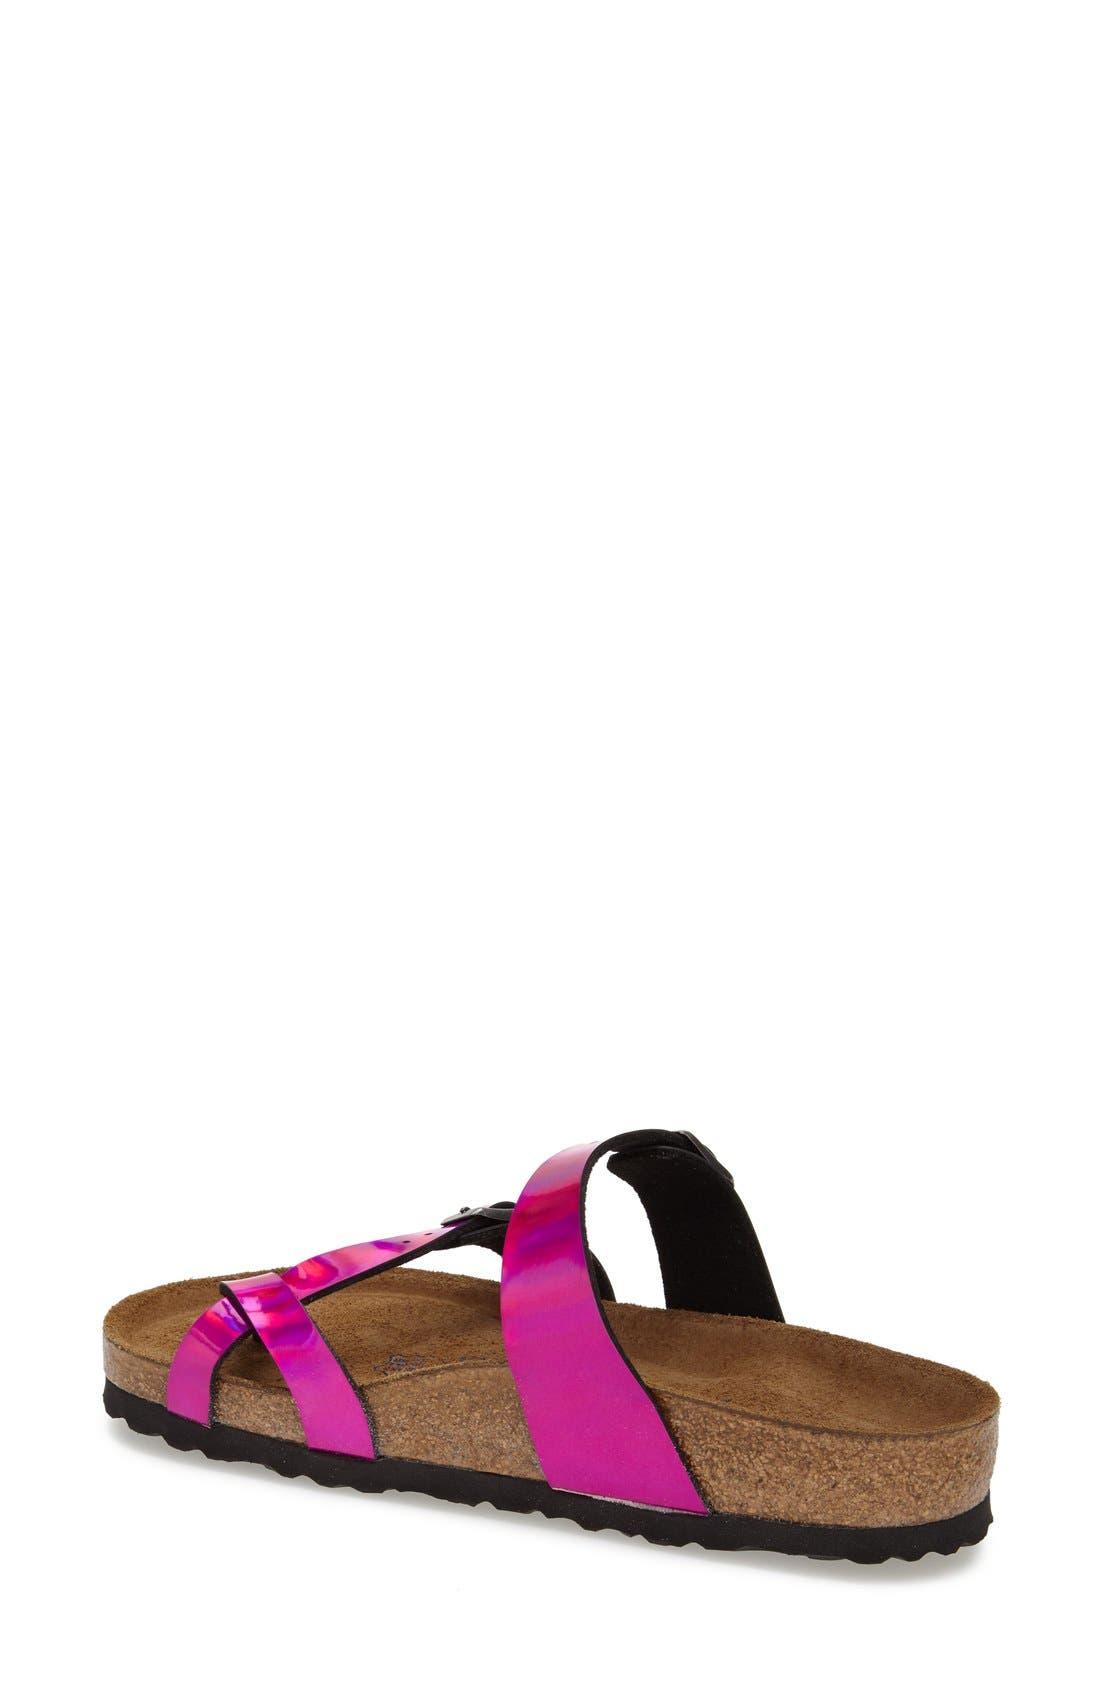 Alternate Image 2  - Birkenstock 'Mayari' Birko-Flor™ Sandal (Women)